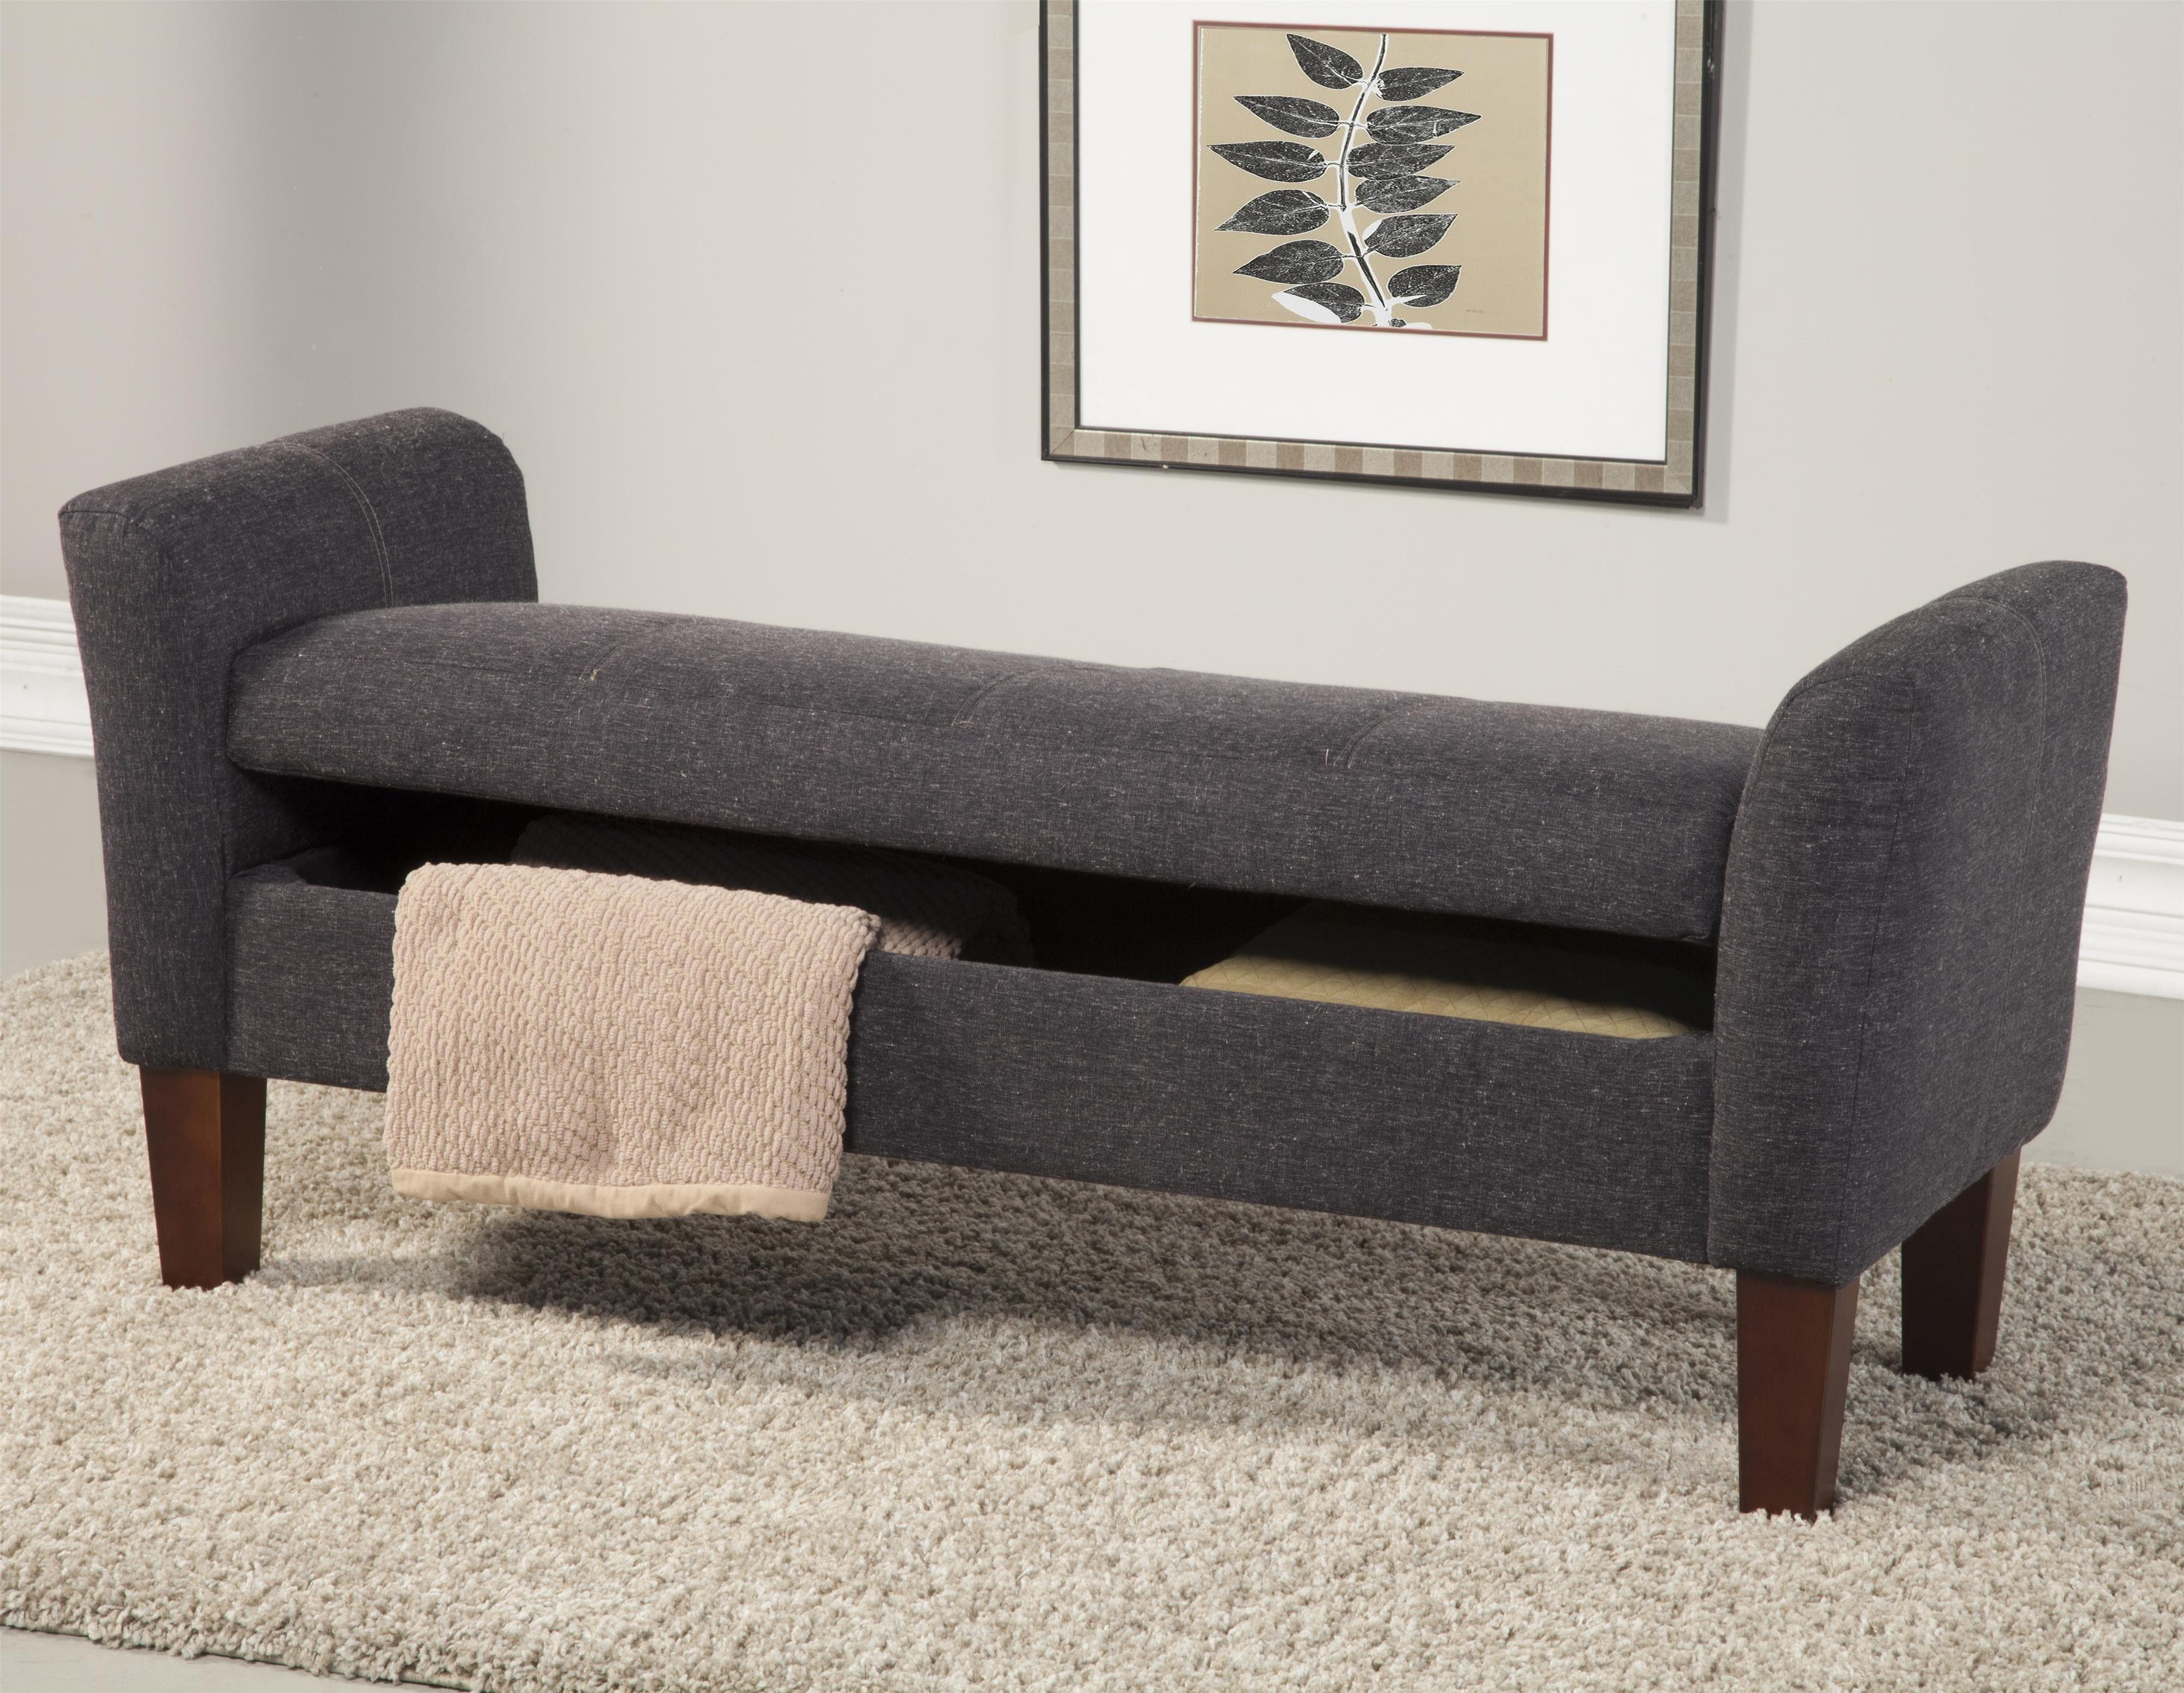 contemporary bedroom storage bench   design ideas 2017-2018